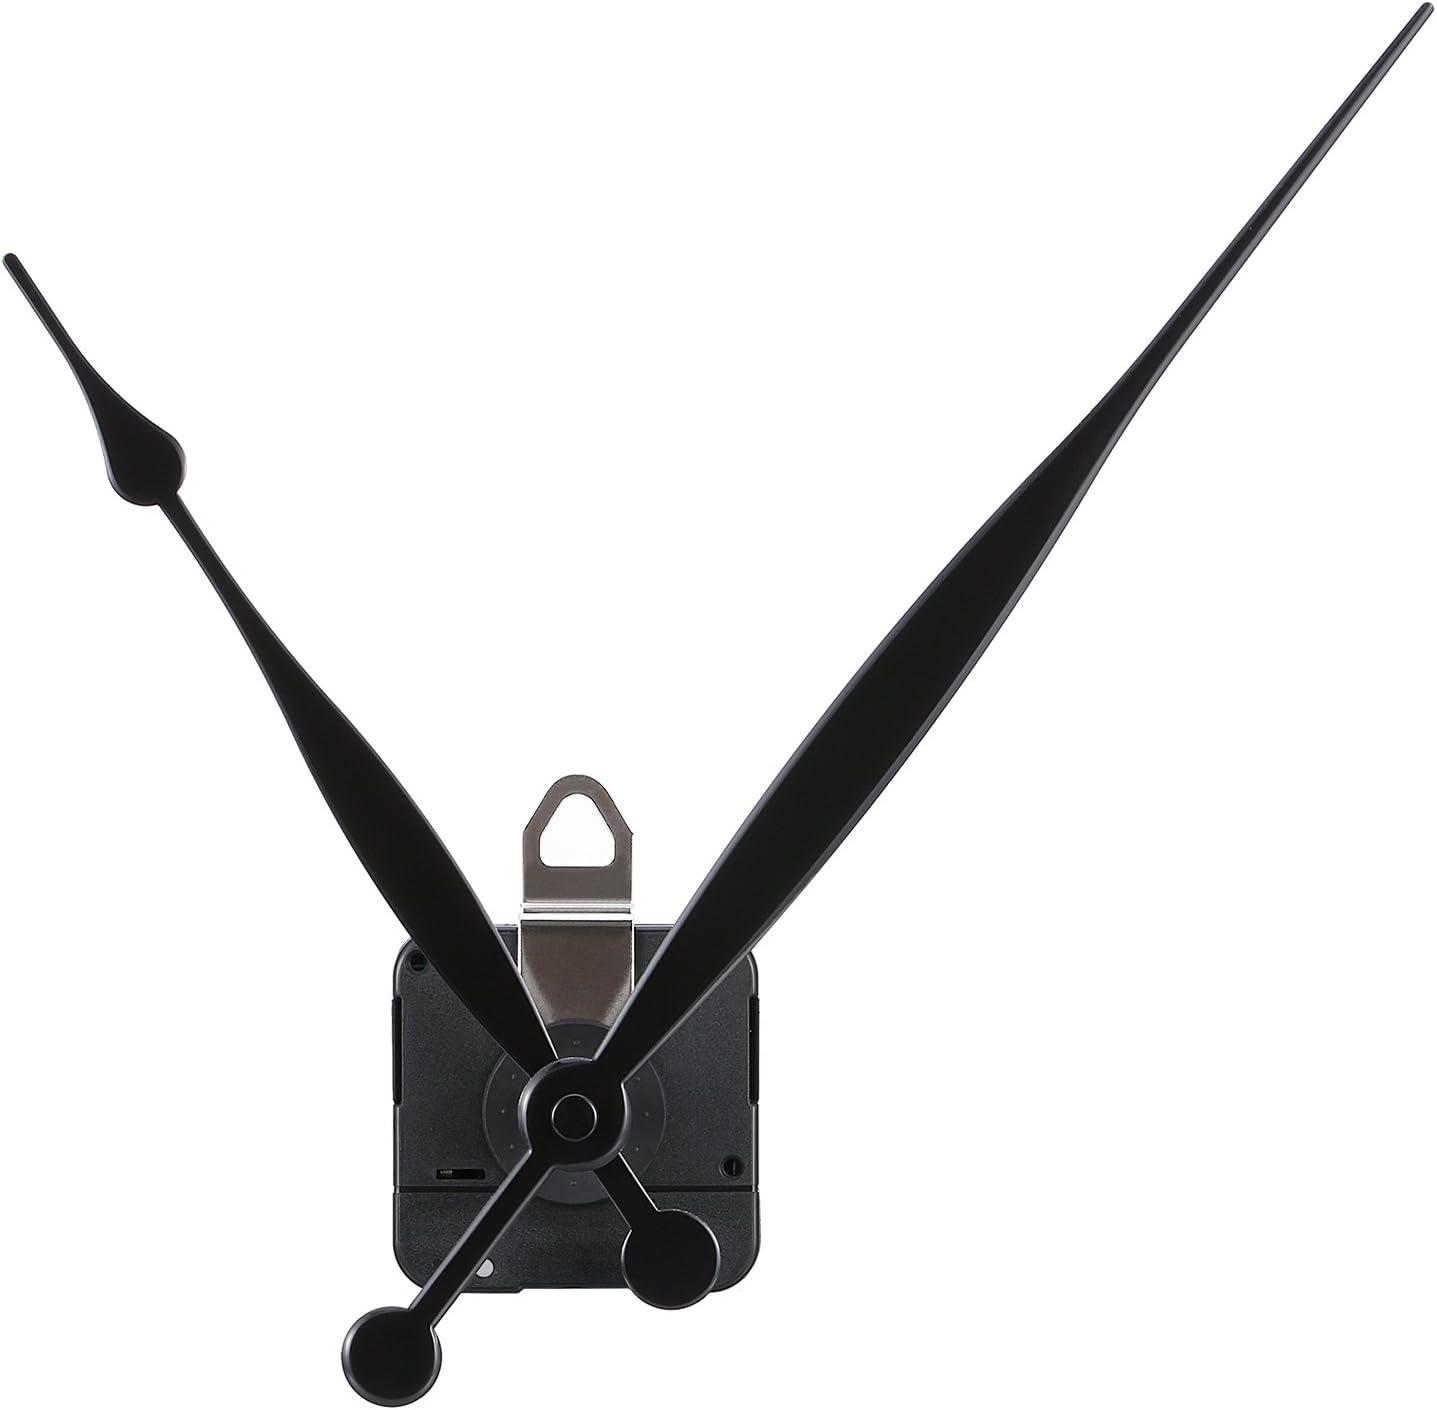 Mudder Movimiento de Reloj de Eje Largo y Par Alto con 2 Agujas a Convenir a Esfera hasta 51,6 cm/ 20 Pulgadas en Diámetro